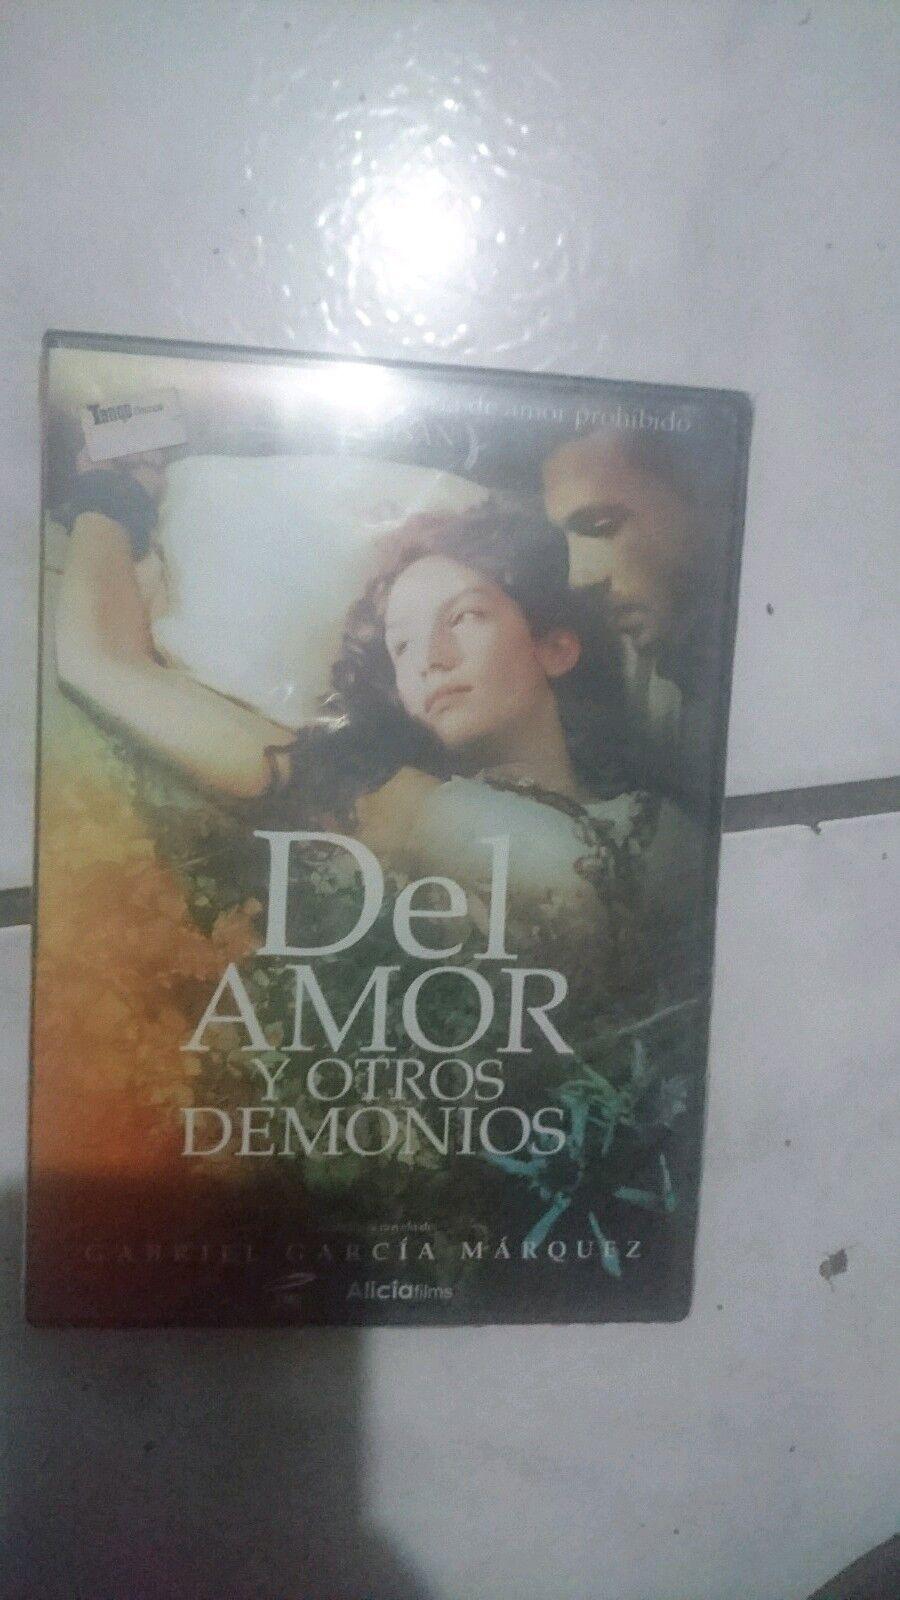 Del Amor y Otros Demonios by Gabriel Garcia Marquez (Sp